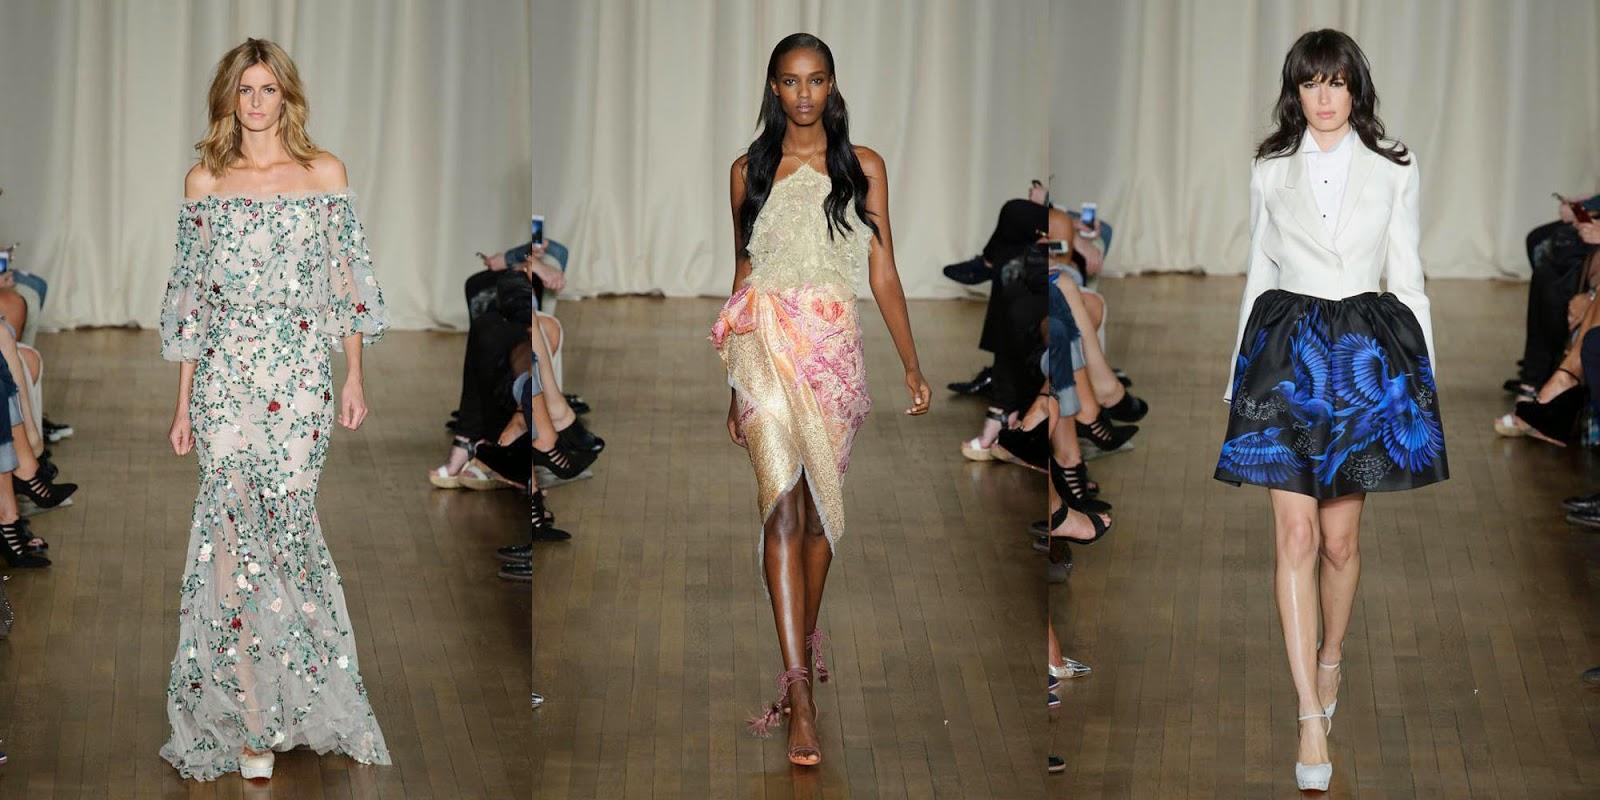 Fashion week season favorites - 3